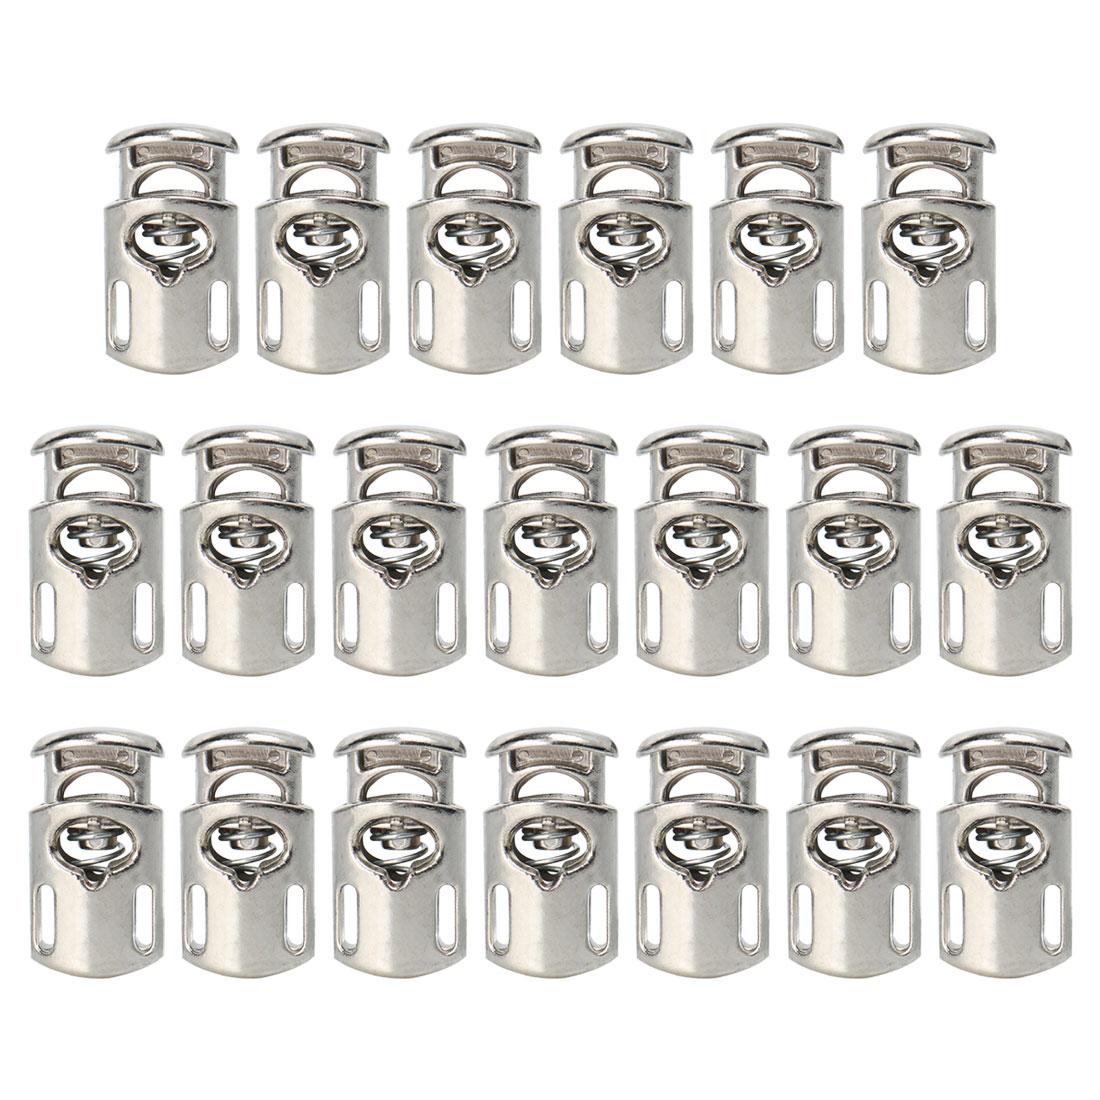 20pcs Plastic Cord Lock Stopper Spring Toggle Fastener Organizer Silver Tone